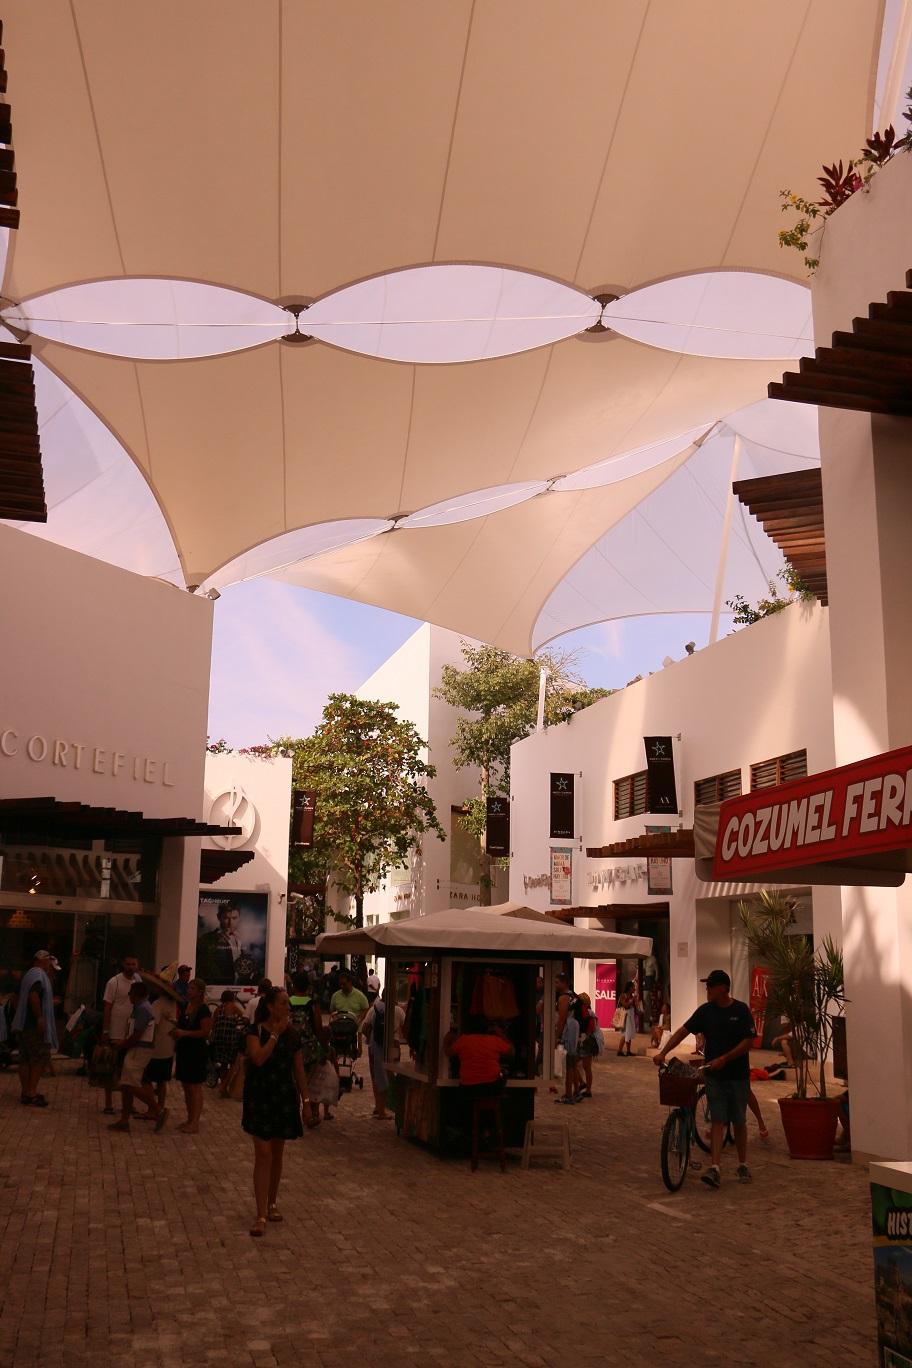 Ha az ember nem mexikóban akarja magát érezni, hanem mondjuk Miamiban, akkor ide kell jönni. Ez az amerikaiak bevásárlóközpontja.